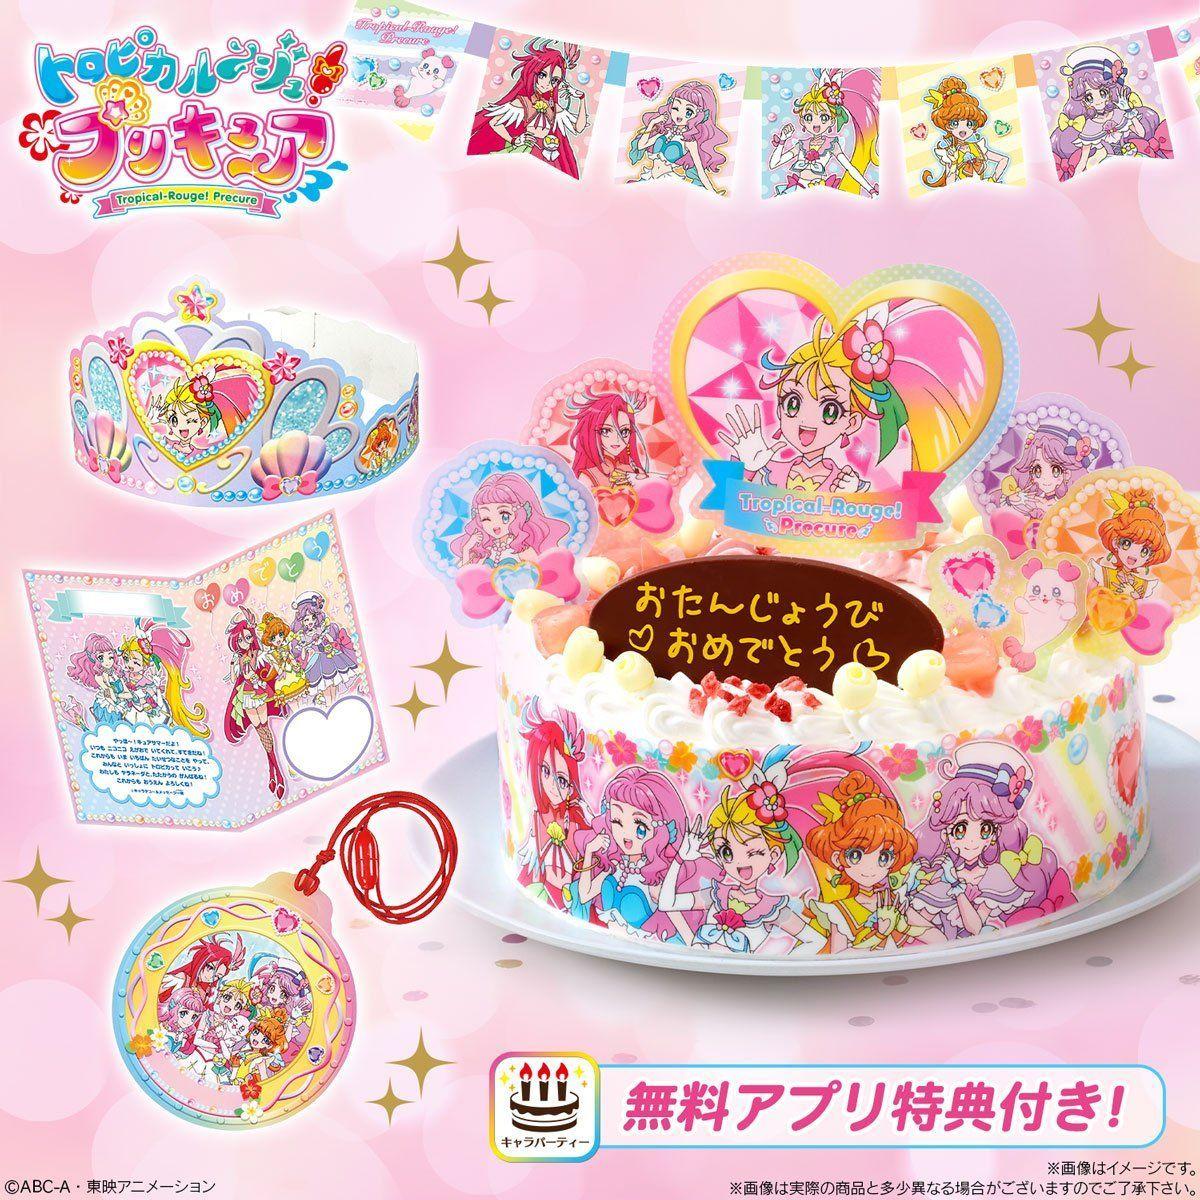 キャラデコパーティーケーキ  トロピカル〜ジュ!プリキュア (チョコクリーム)(5号サイズ)_0